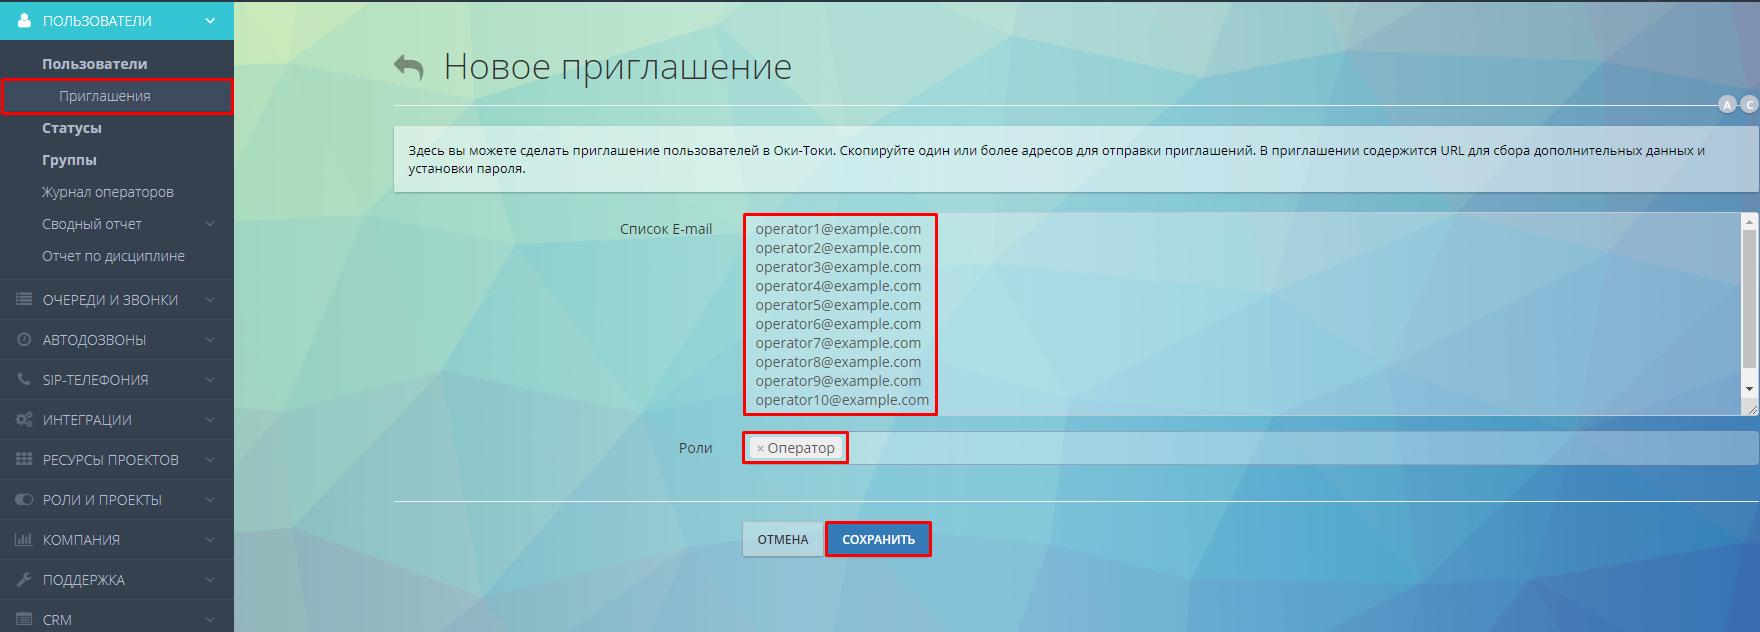 импорт данных операторов